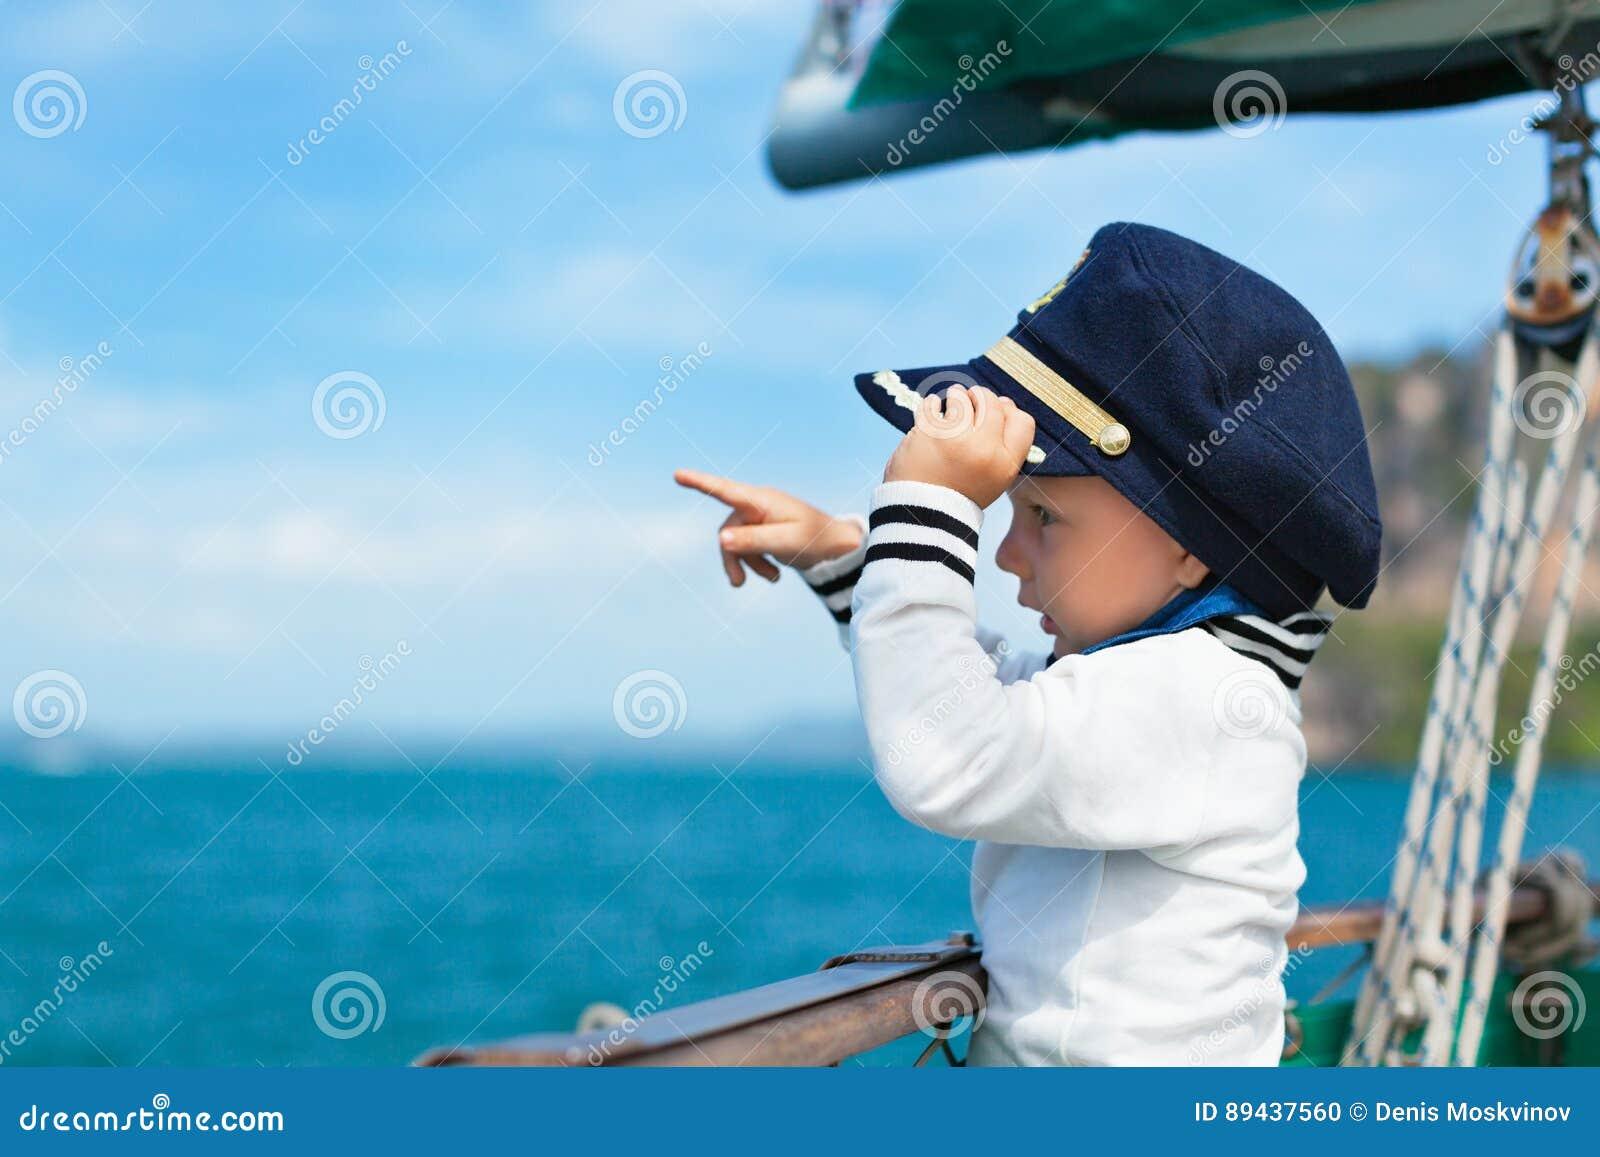 Lustiger kleiner Babykapitän an Bord von Segeljacht